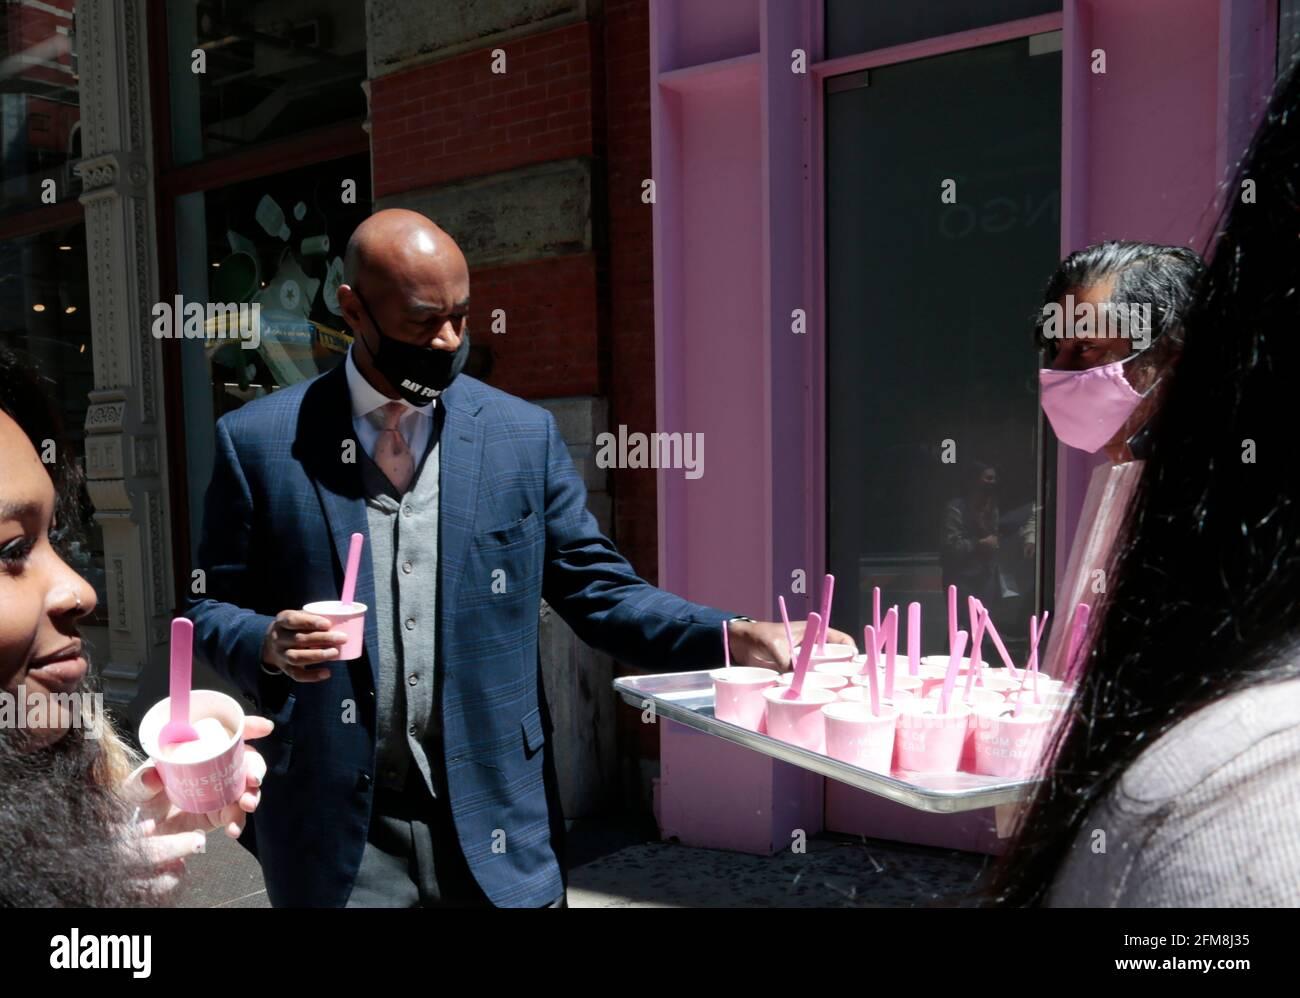 Nueva York, NY, EE.UU. 6th de mayo de 2021. El candidato Mayoral de la Ciudad de Nueva York Ray McGuire asiste al foro con los líderes de negocios sobre sus pautas para el regreso de la Ciudad de Nueva York, auspiciado por Manish Vora - Co-CEO y Fundador - Museum of Ice Cream y luego sirve Helado a la comunidad en la sección Soho de Nueva York Ciudad el 6 de mayo de 2021. Crédito: Mpi43/Media Punch/Alamy Live News Foto de stock